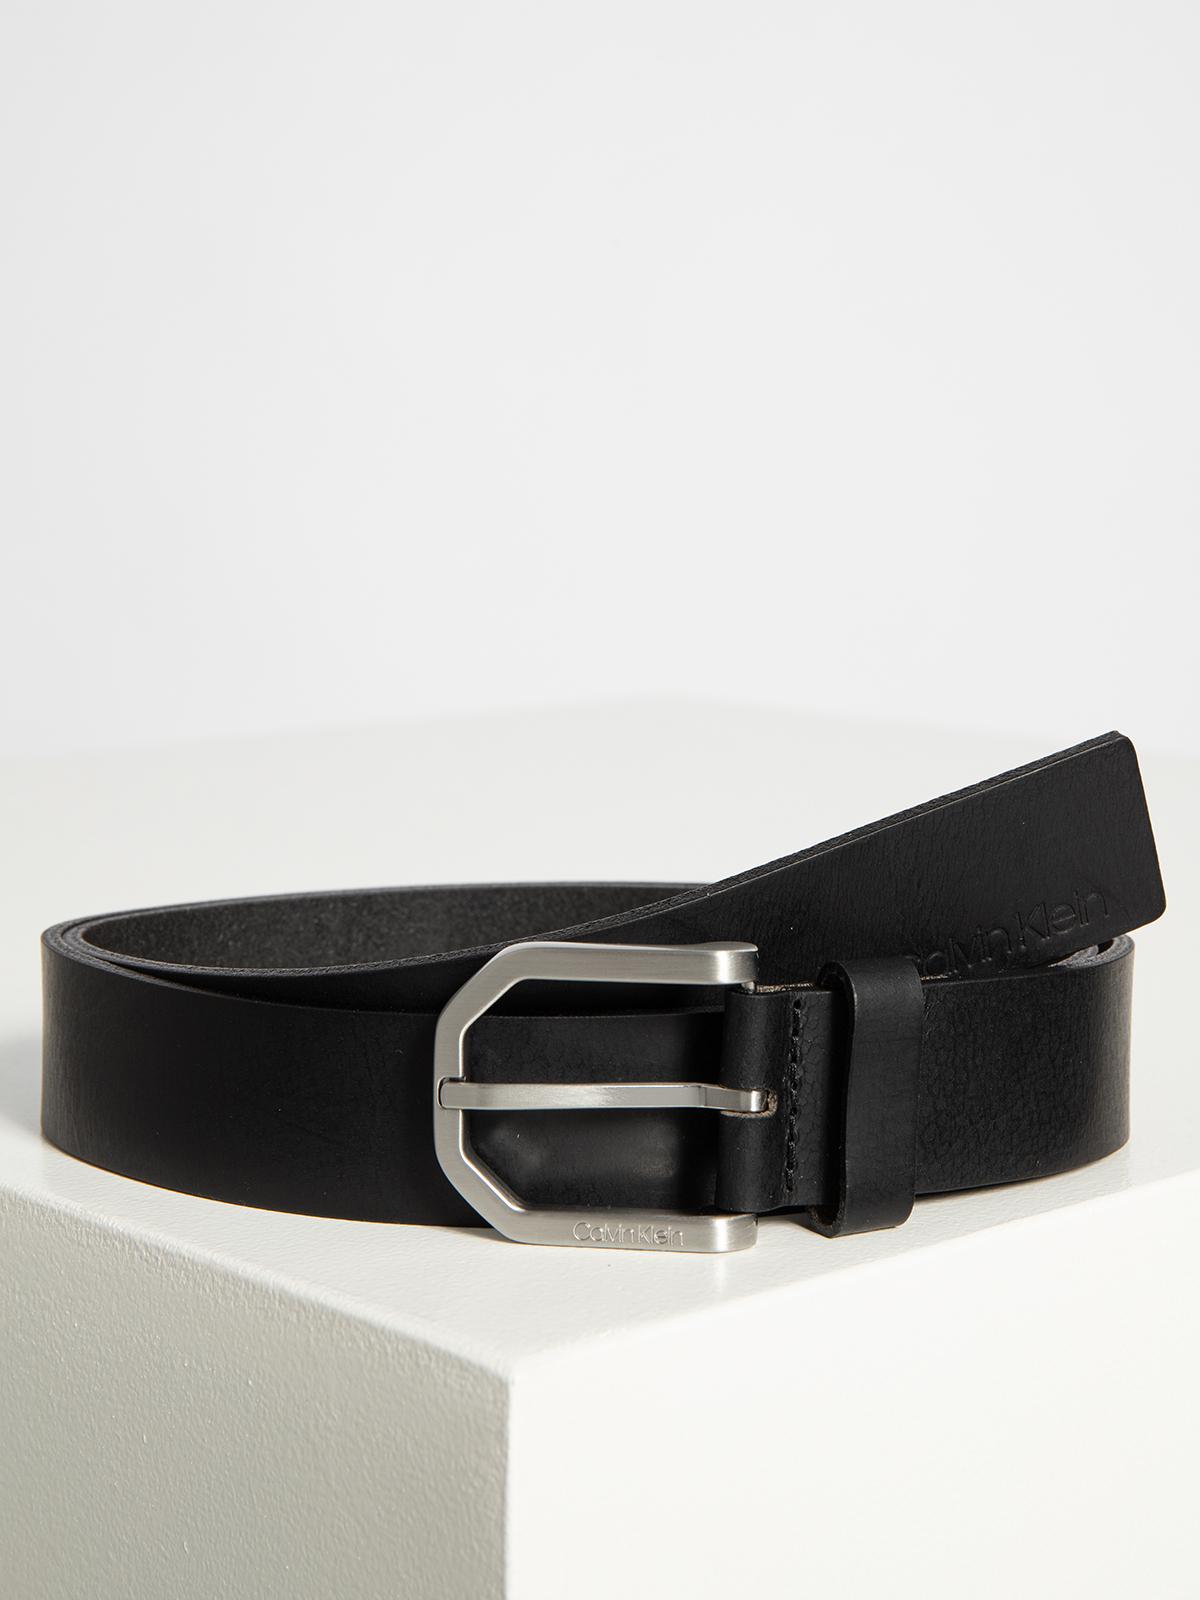 Calvin Klein Ledergürtel in schwarz für Herren, Größe: 100. Essential Plus Facted